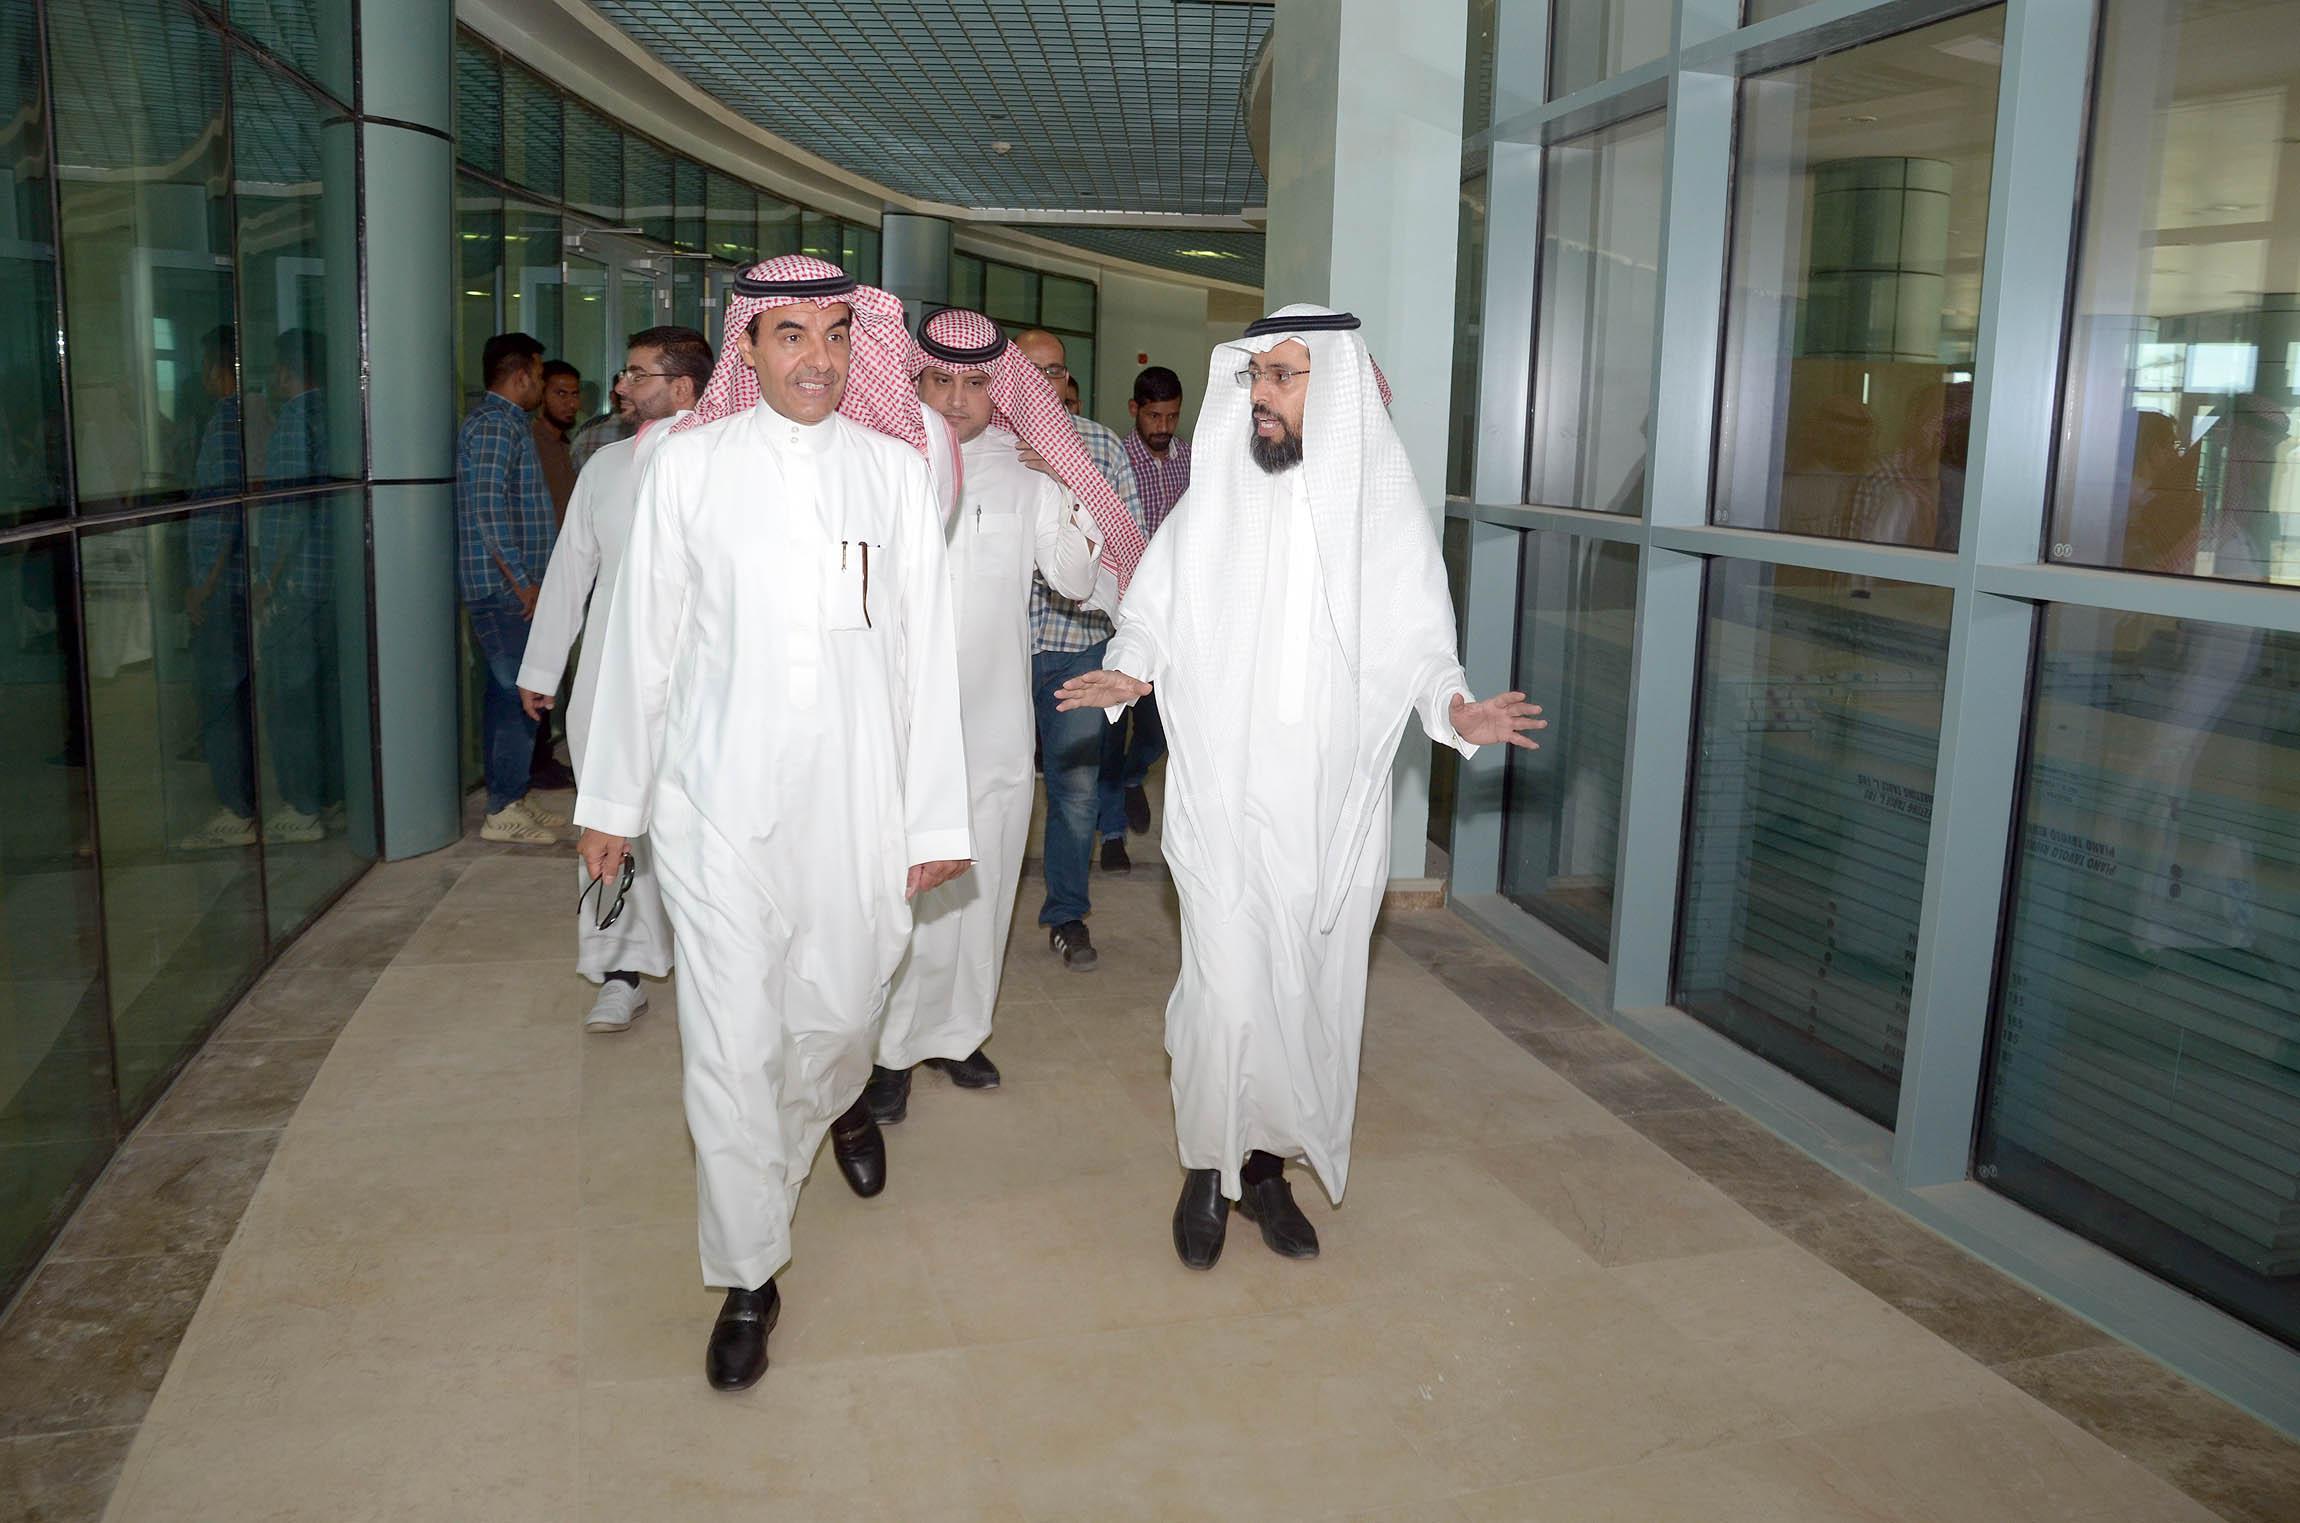 مدير جامعة الأمير سطام بن عبدالعزيز يتفقد كلية التربية بالدلم